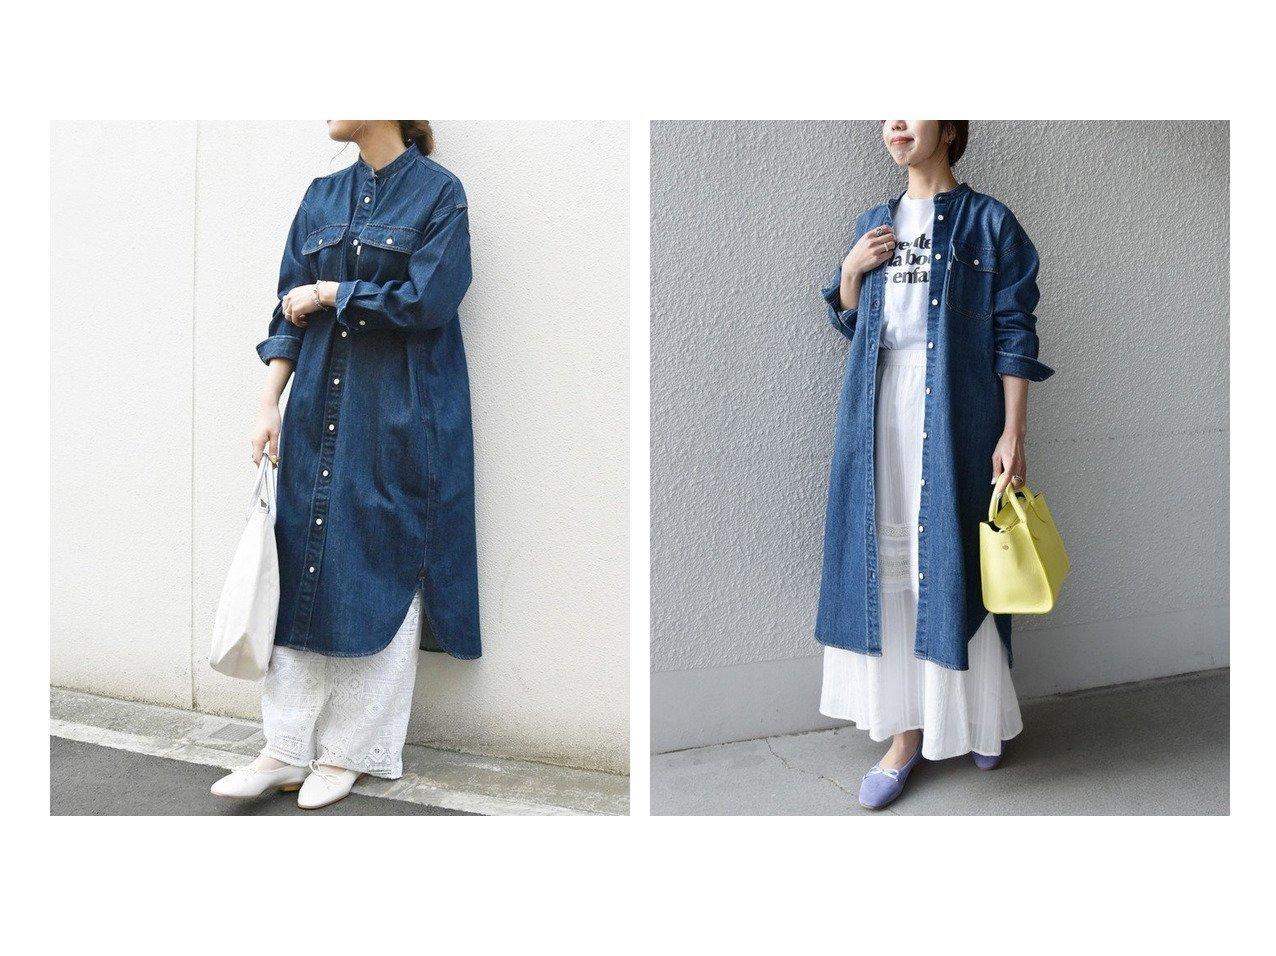 【SHIPS any/シップス エニィ】のSHIPS any バンドカラー デニム シャツワンピース[SHIPS any DENIM] ワンピース・ドレスのおすすめ!人気、トレンド・レディースファッションの通販 おすすめで人気の流行・トレンド、ファッションの通販商品 メンズファッション・キッズファッション・インテリア・家具・レディースファッション・服の通販 founy(ファニー) https://founy.com/ ファッション Fashion レディースファッション WOMEN ワンピース Dress シャツワンピース Shirt Dresses 春 Spring カフス カーディガン ショルダー ジャケット スリット デニム トレンド ドロップ ポケット メタル リラックス レース S/S 春夏 SS Spring/Summer おすすめ Recommend |ID:crp329100000022726